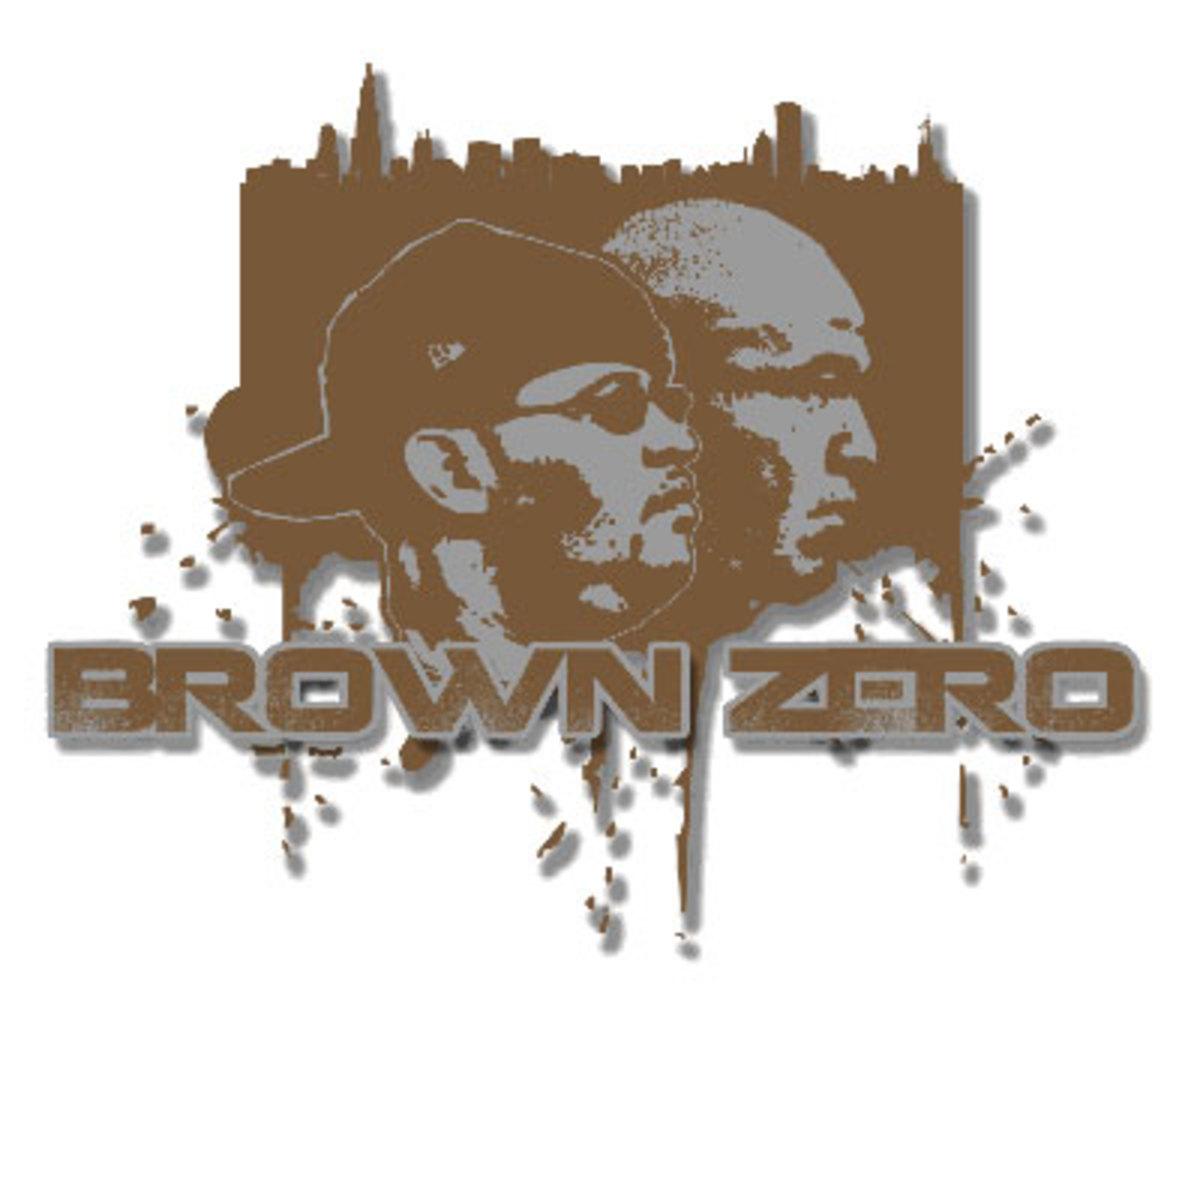 brownzero.jpg